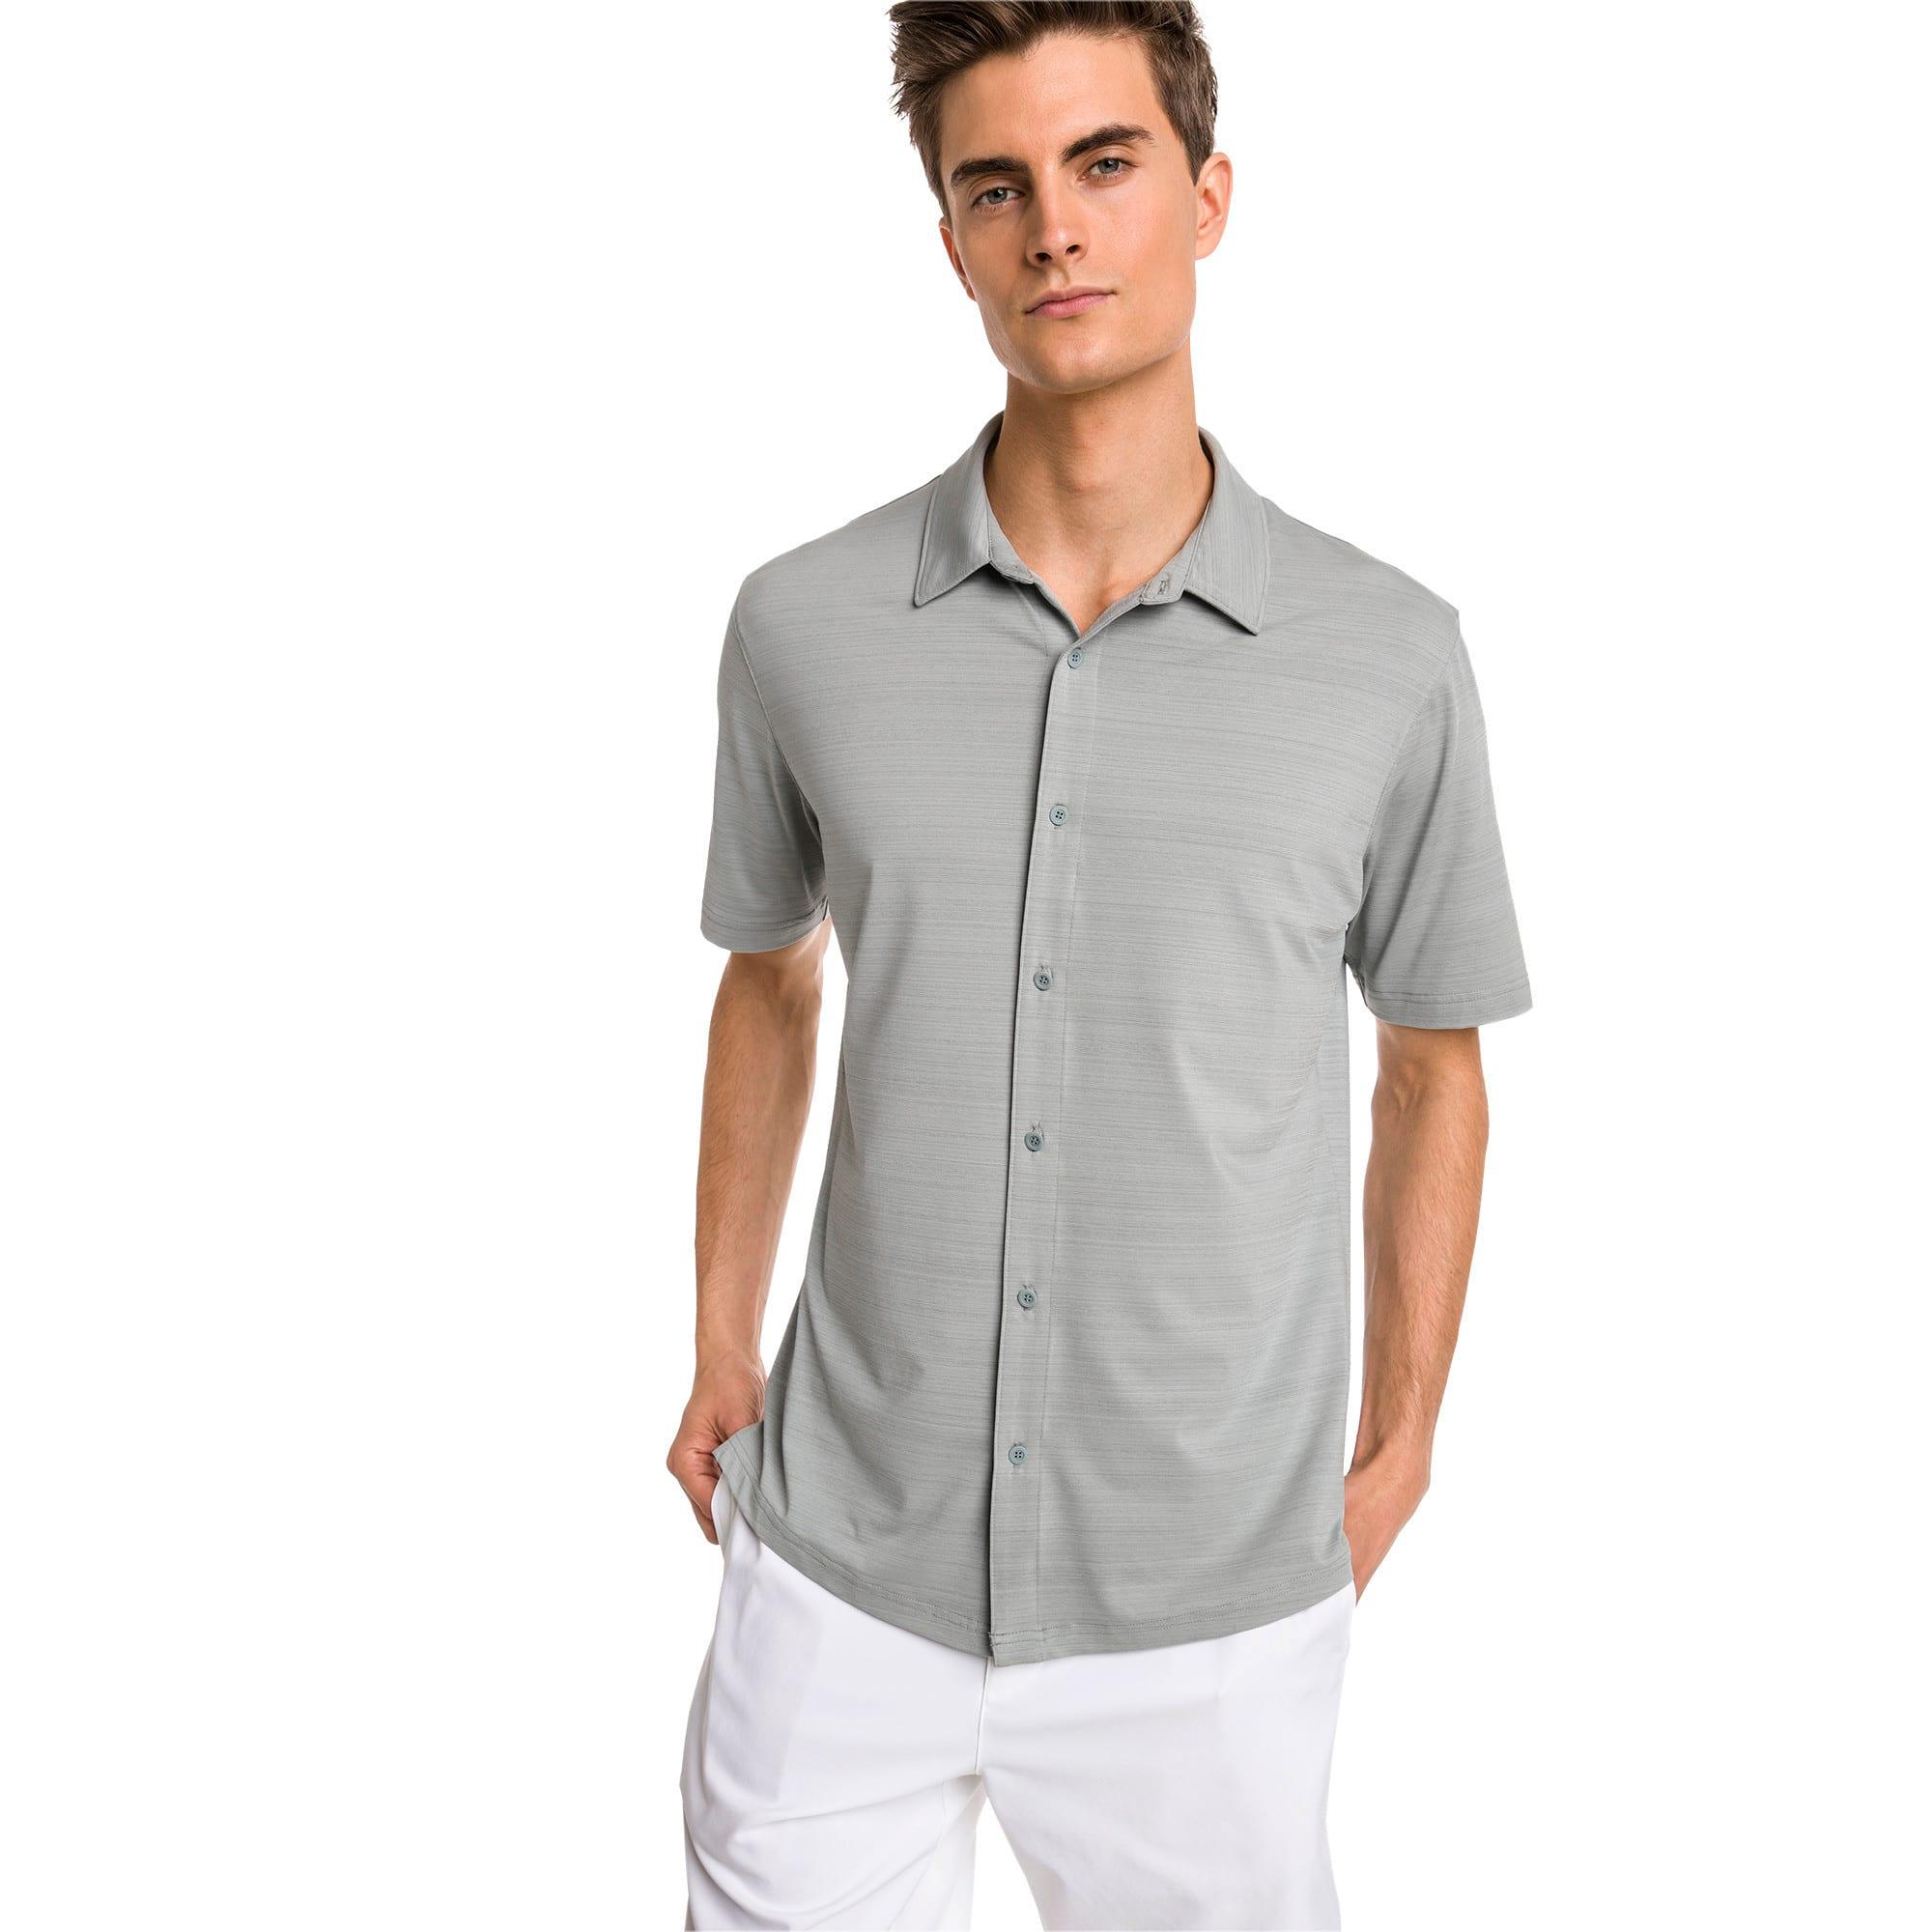 PUMA Chemise de golf à manches courtes Breezer pour Homme, Gris, Taille S